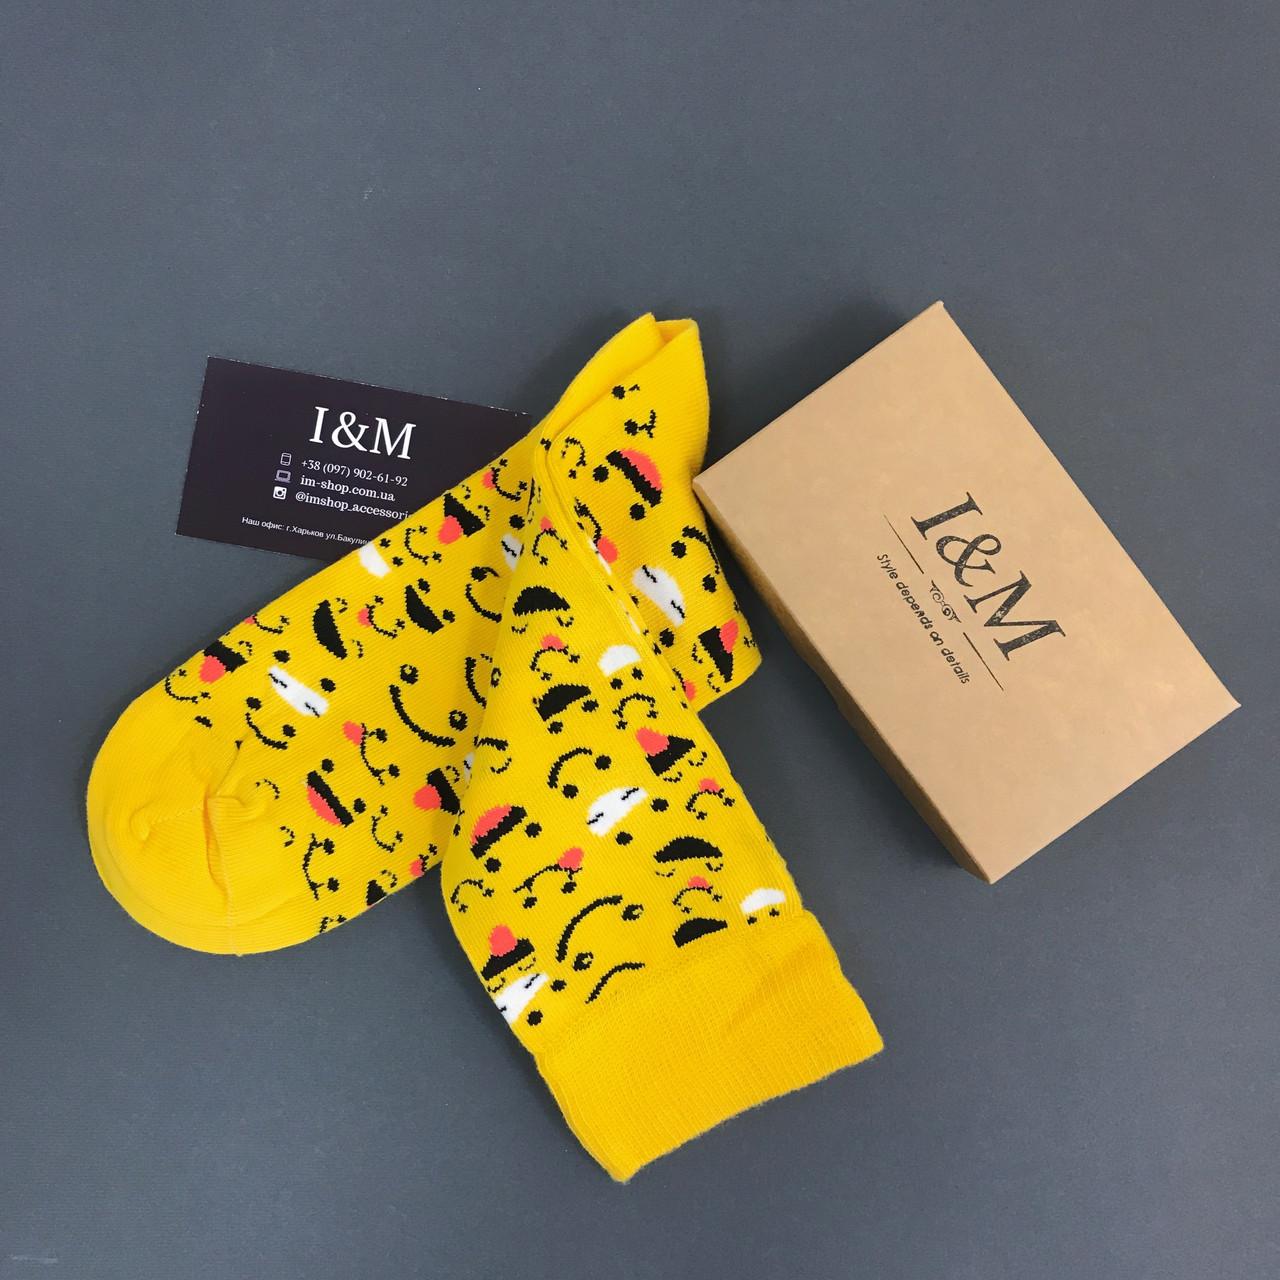 Шкарпетки I&M Craft жовті зі смайликами (070141)